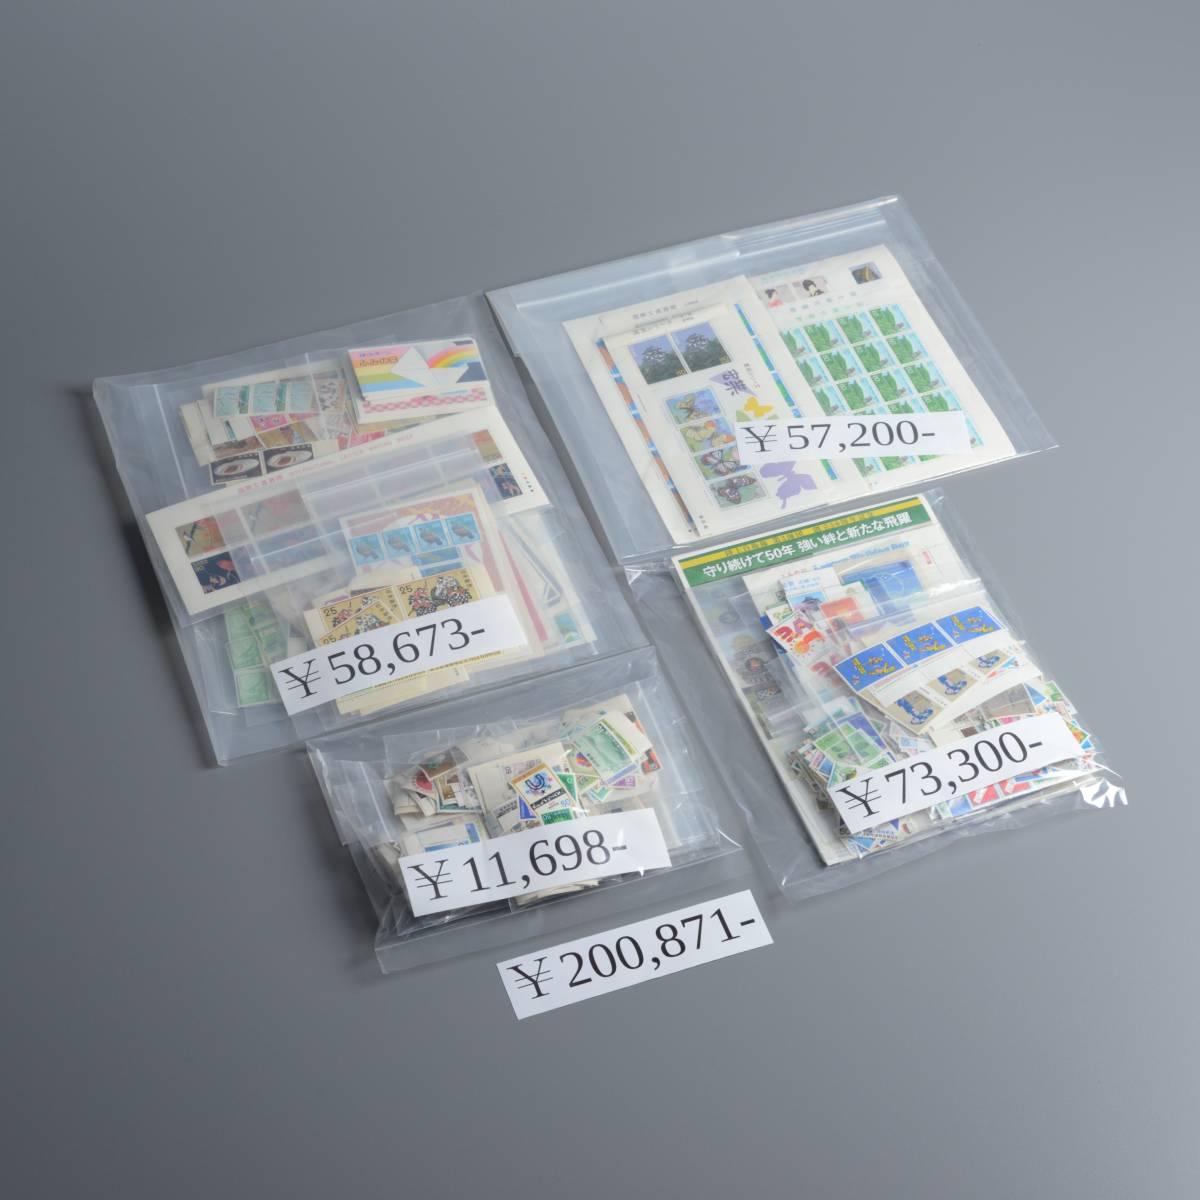 通信用切手まとめて 額面合計200,871円 即決落札有